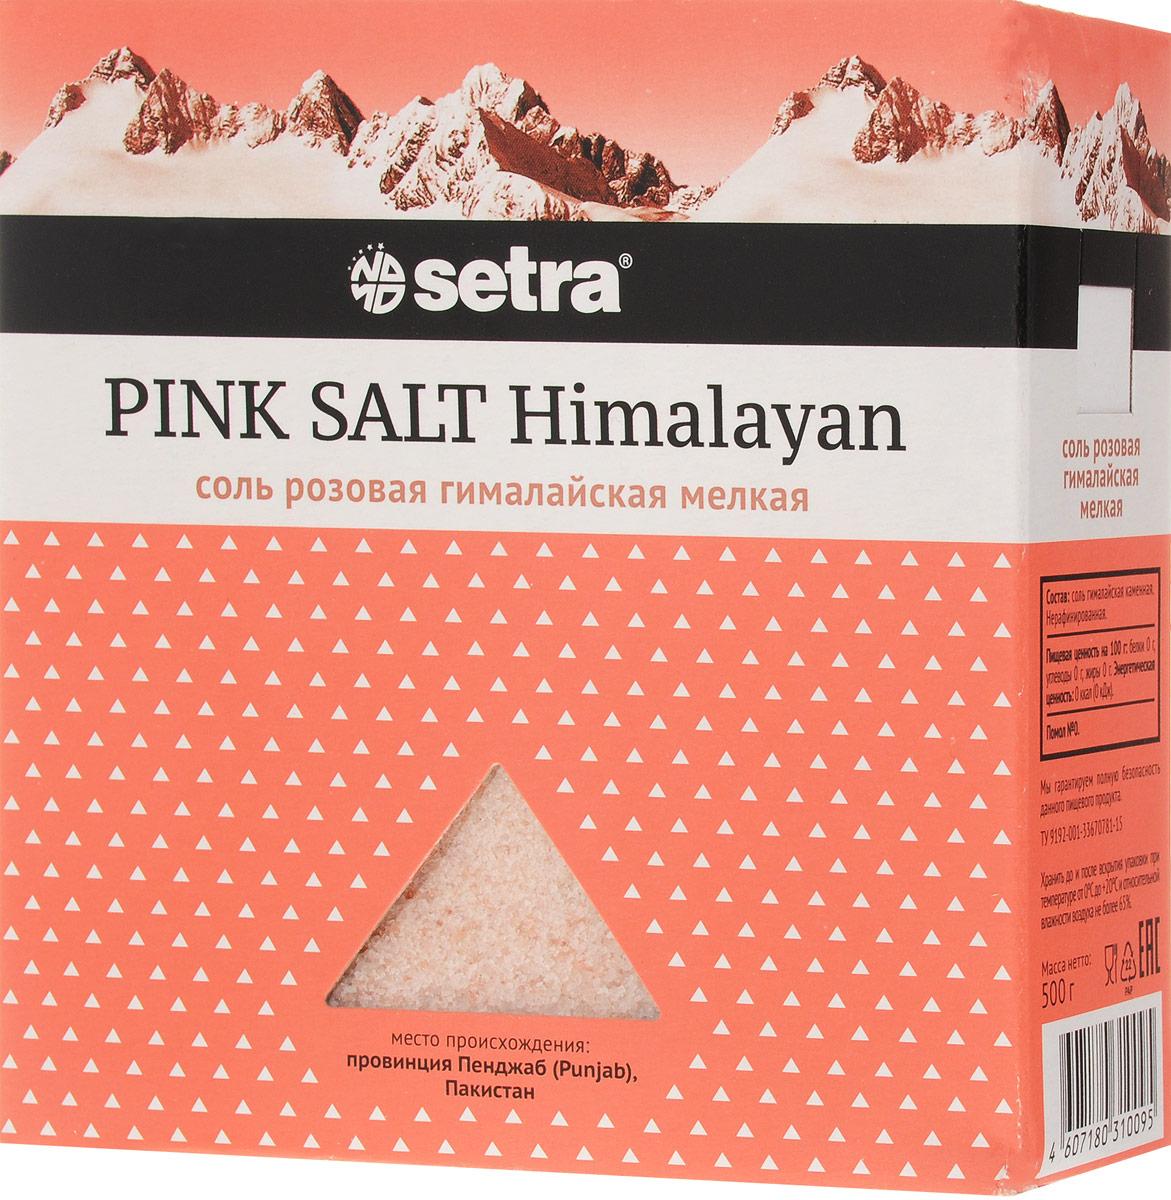 Setra соль розовая гималайская мелкая, 500 г0120710Ценность гималайской соли в содержании большого количества элементов и минералов, главные из которых - железо и медь, придают соли насыщенный розовый цвет. Добывается ручным способом в шахтах в предгорье Гималаев (провинция Пенджаб).Уважаемые клиенты! Обращаем ваше внимание на то, что упаковка может иметь несколько видов дизайна. Поставка осуществляется в зависимости от наличия на складе.